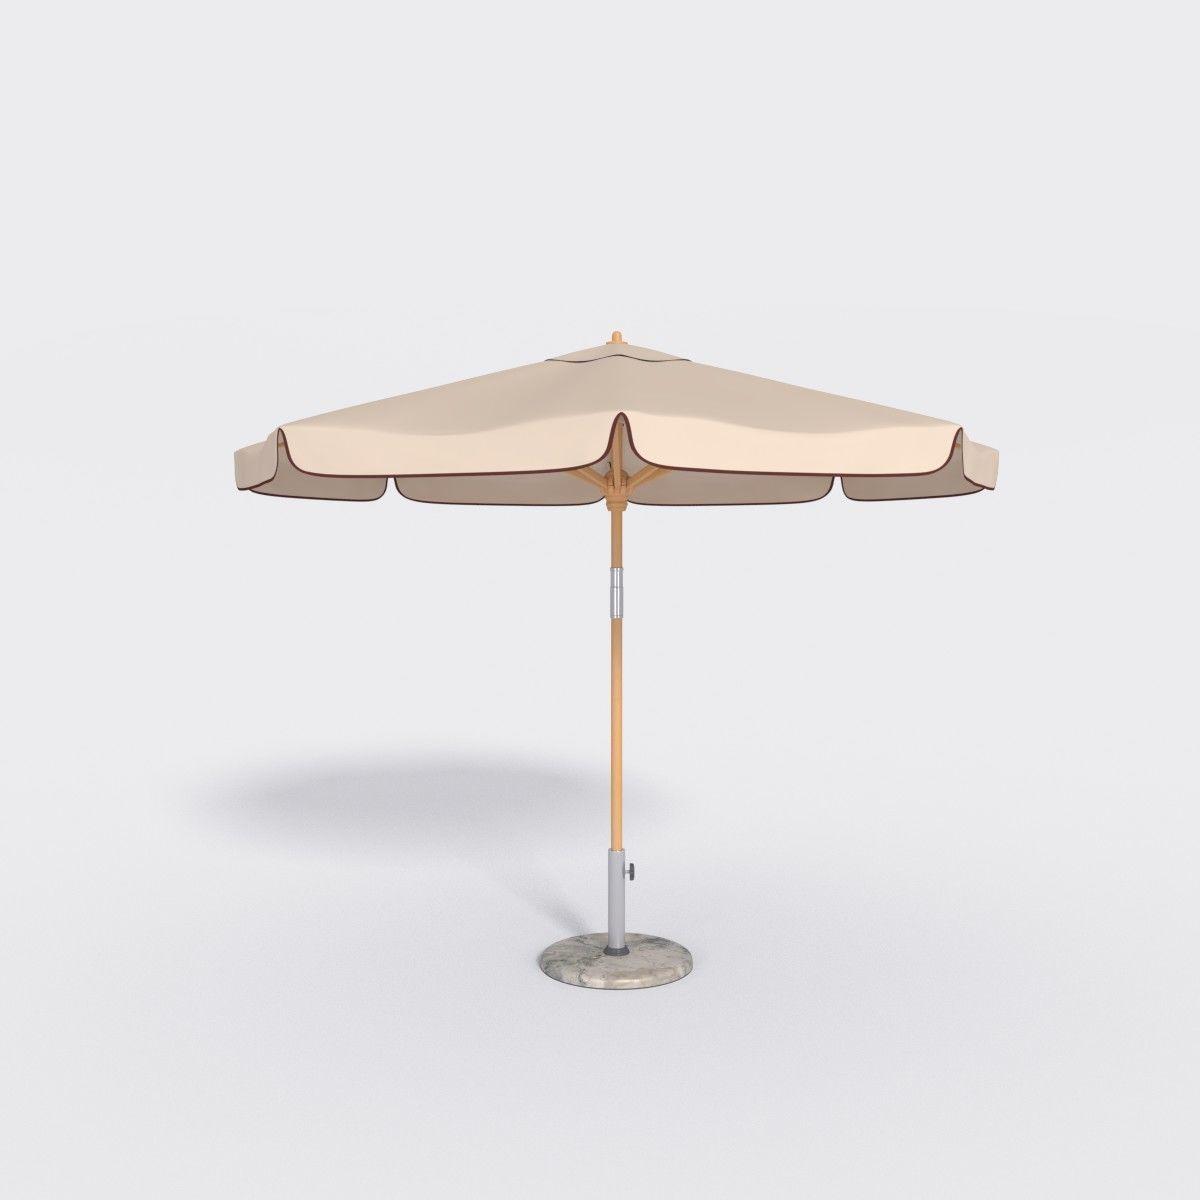 Patio Umbrella - Parasol